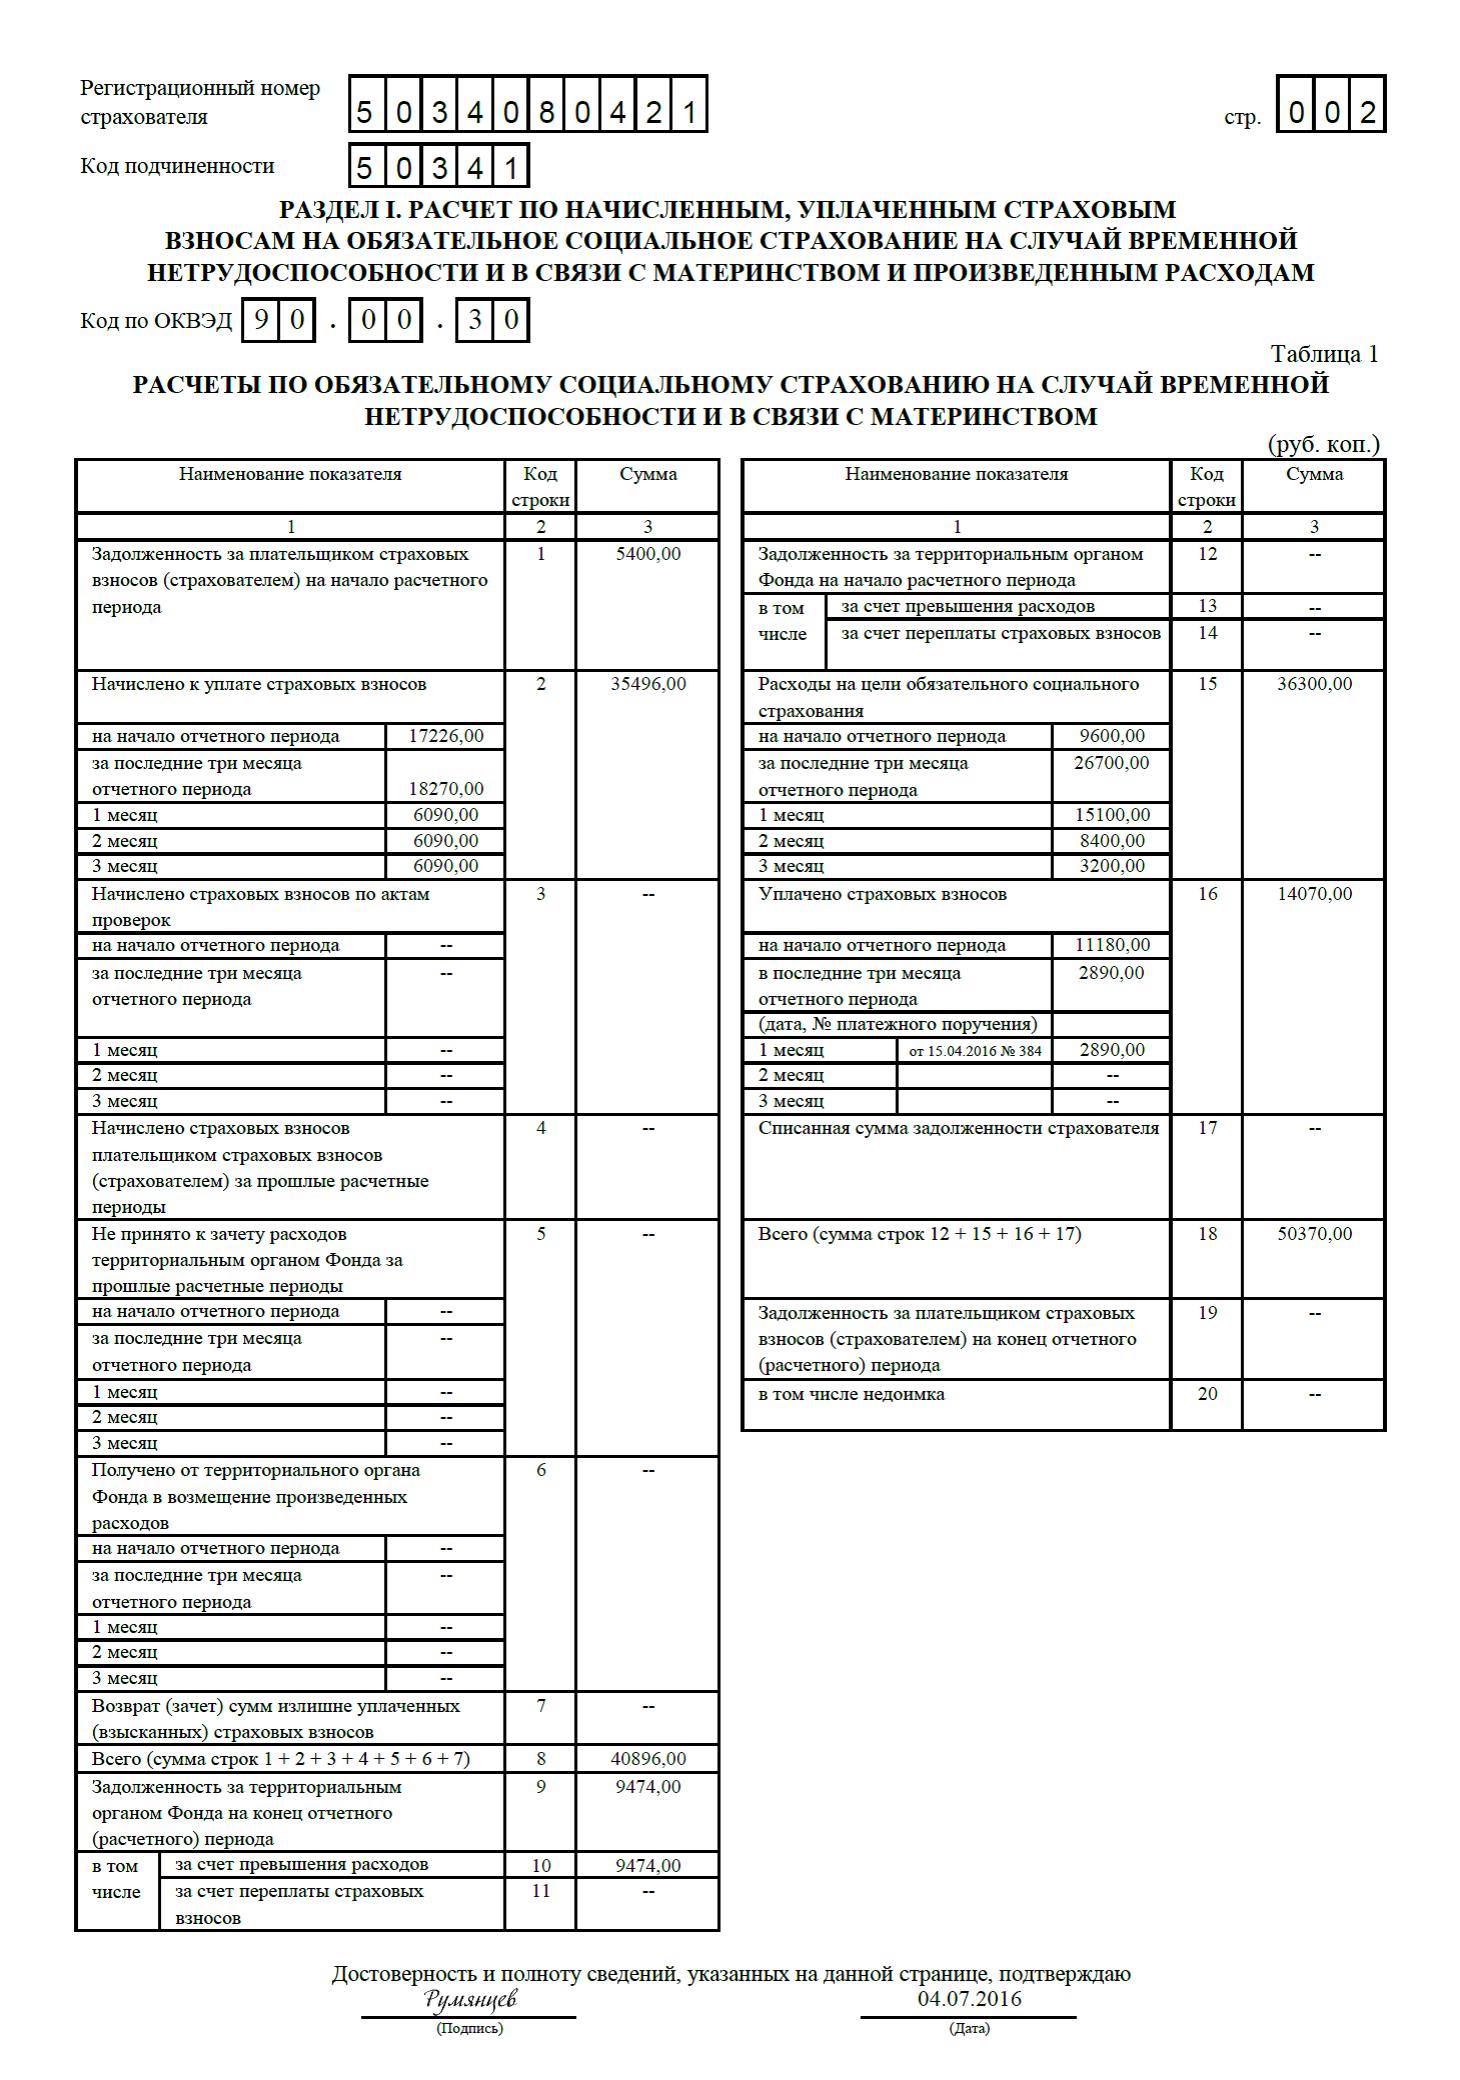 инструкция по заполнению формы 2ндфл за 2012 год